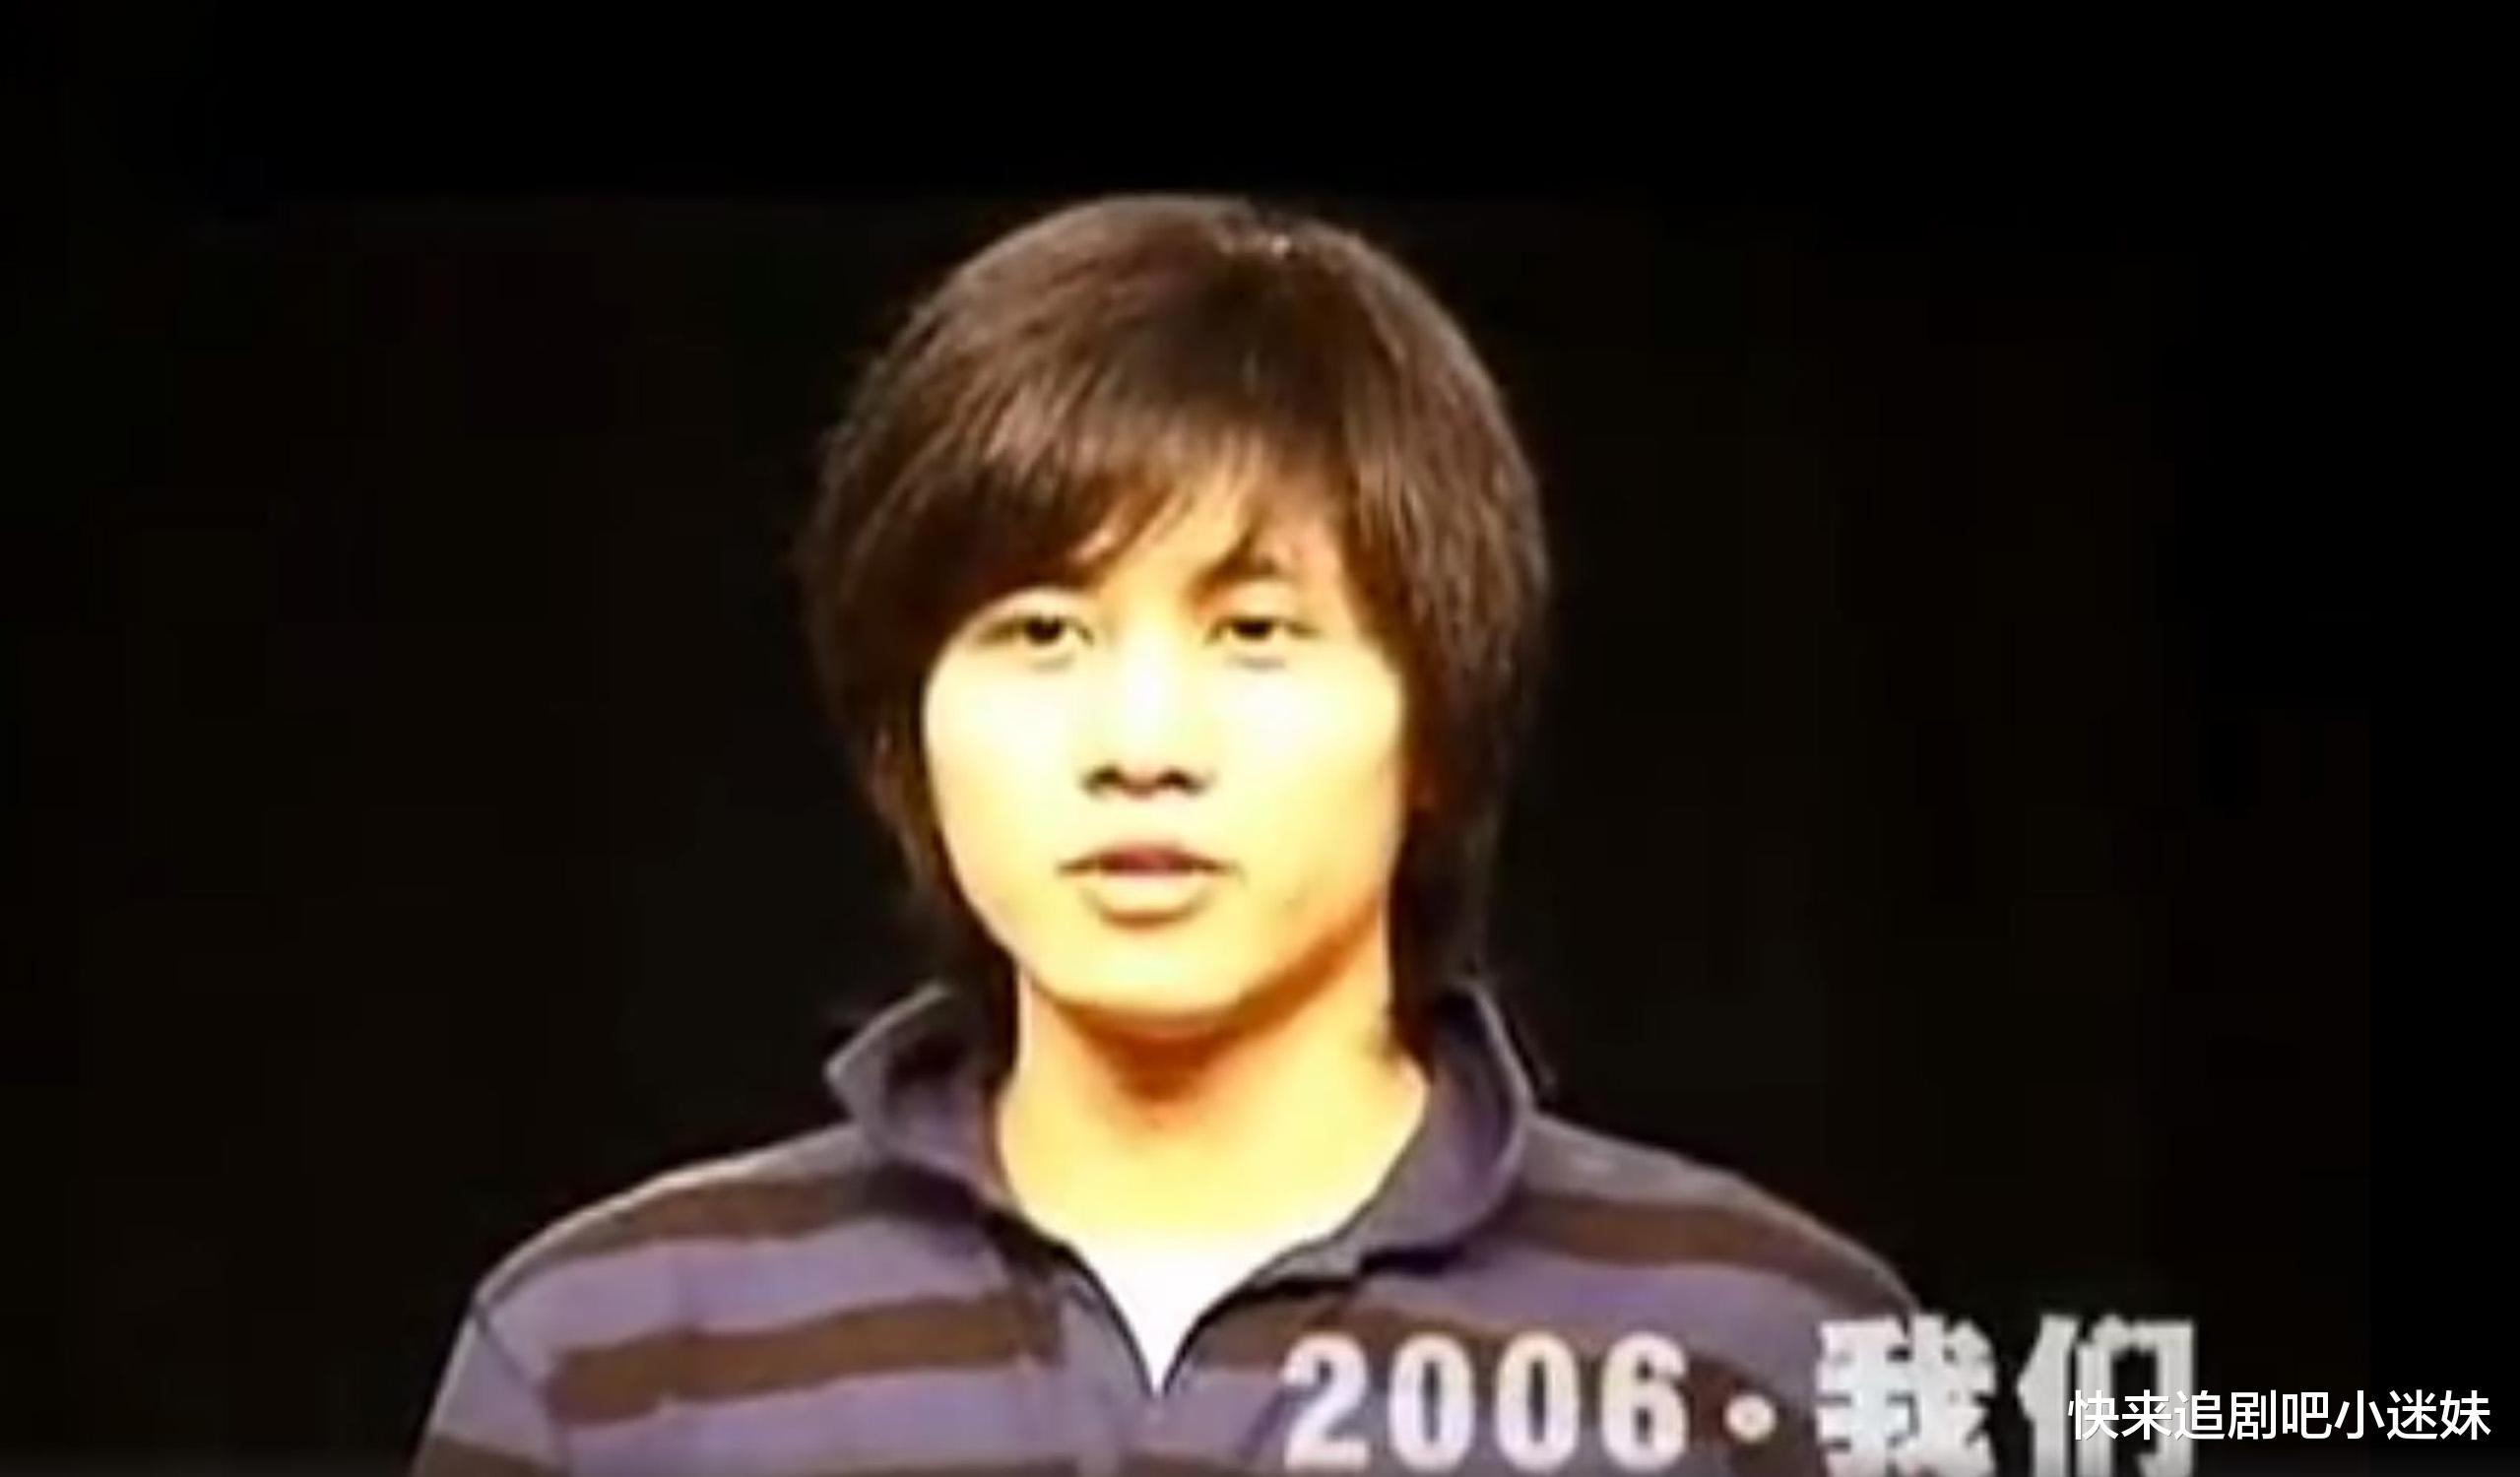 《快本》上演同學會,北電2006級星光暗淡,朱一龍成全班的希望-圖6